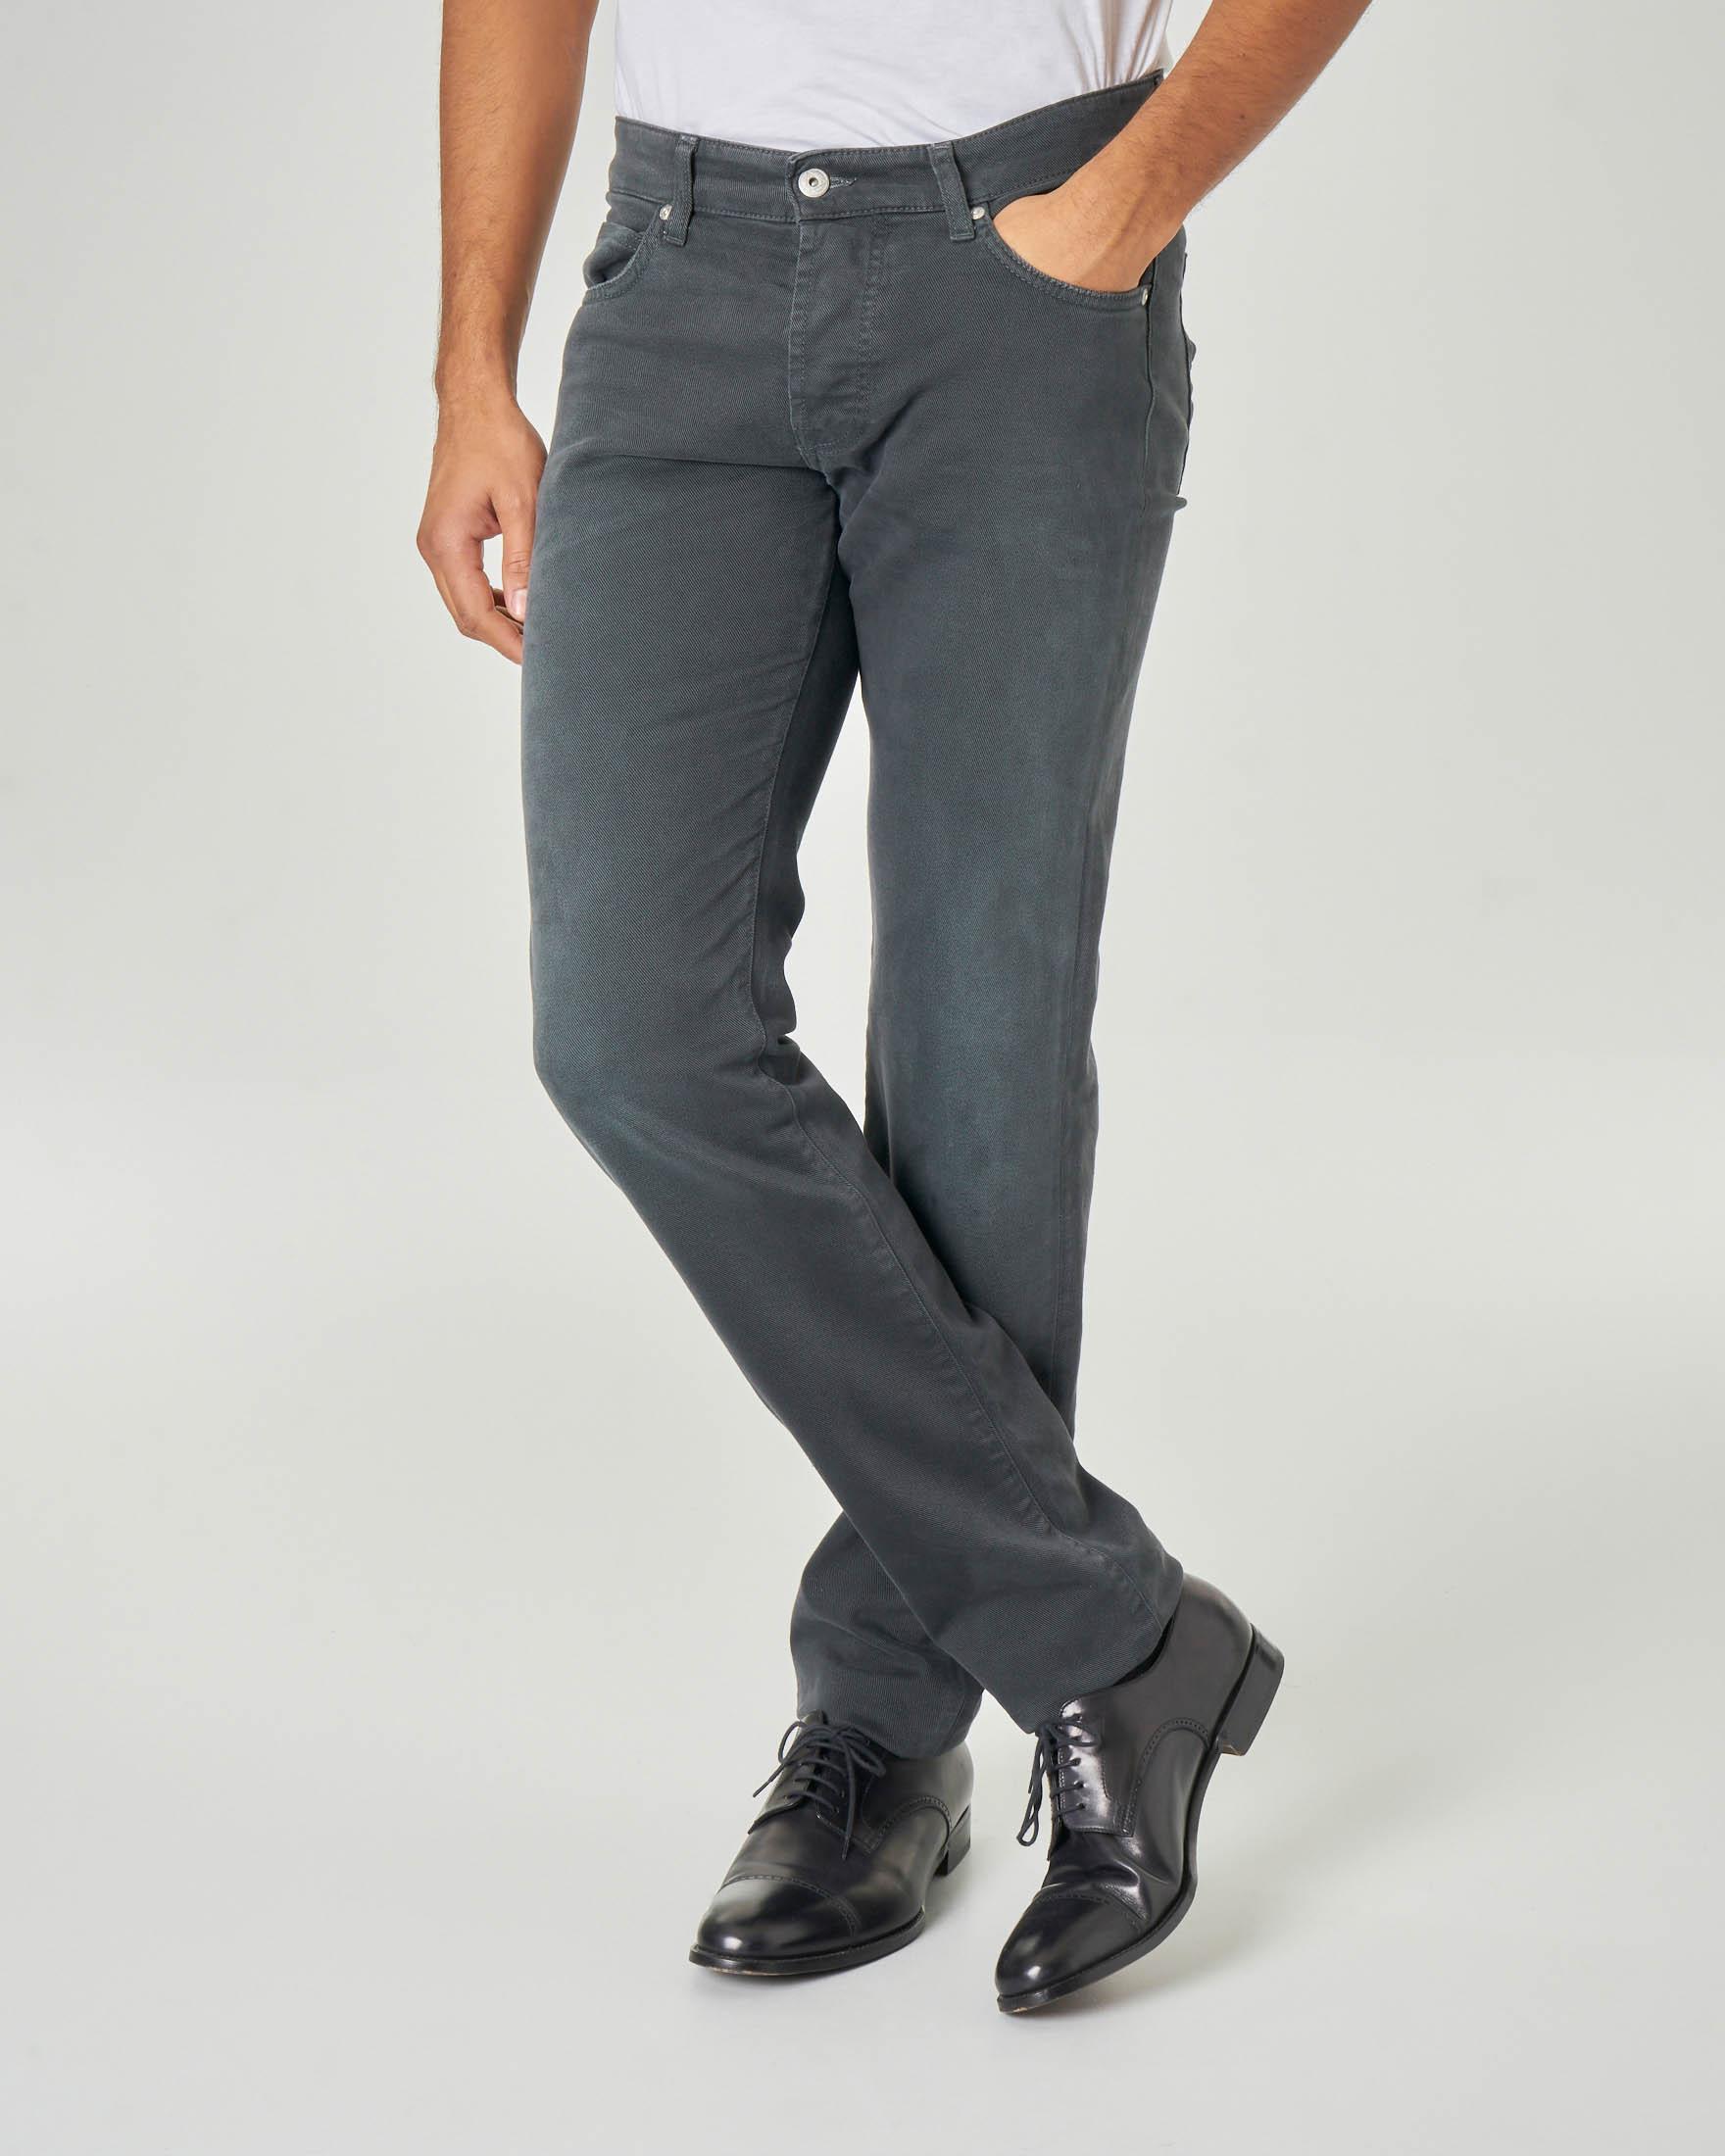 Pantalone cinque tasche grigio antracite